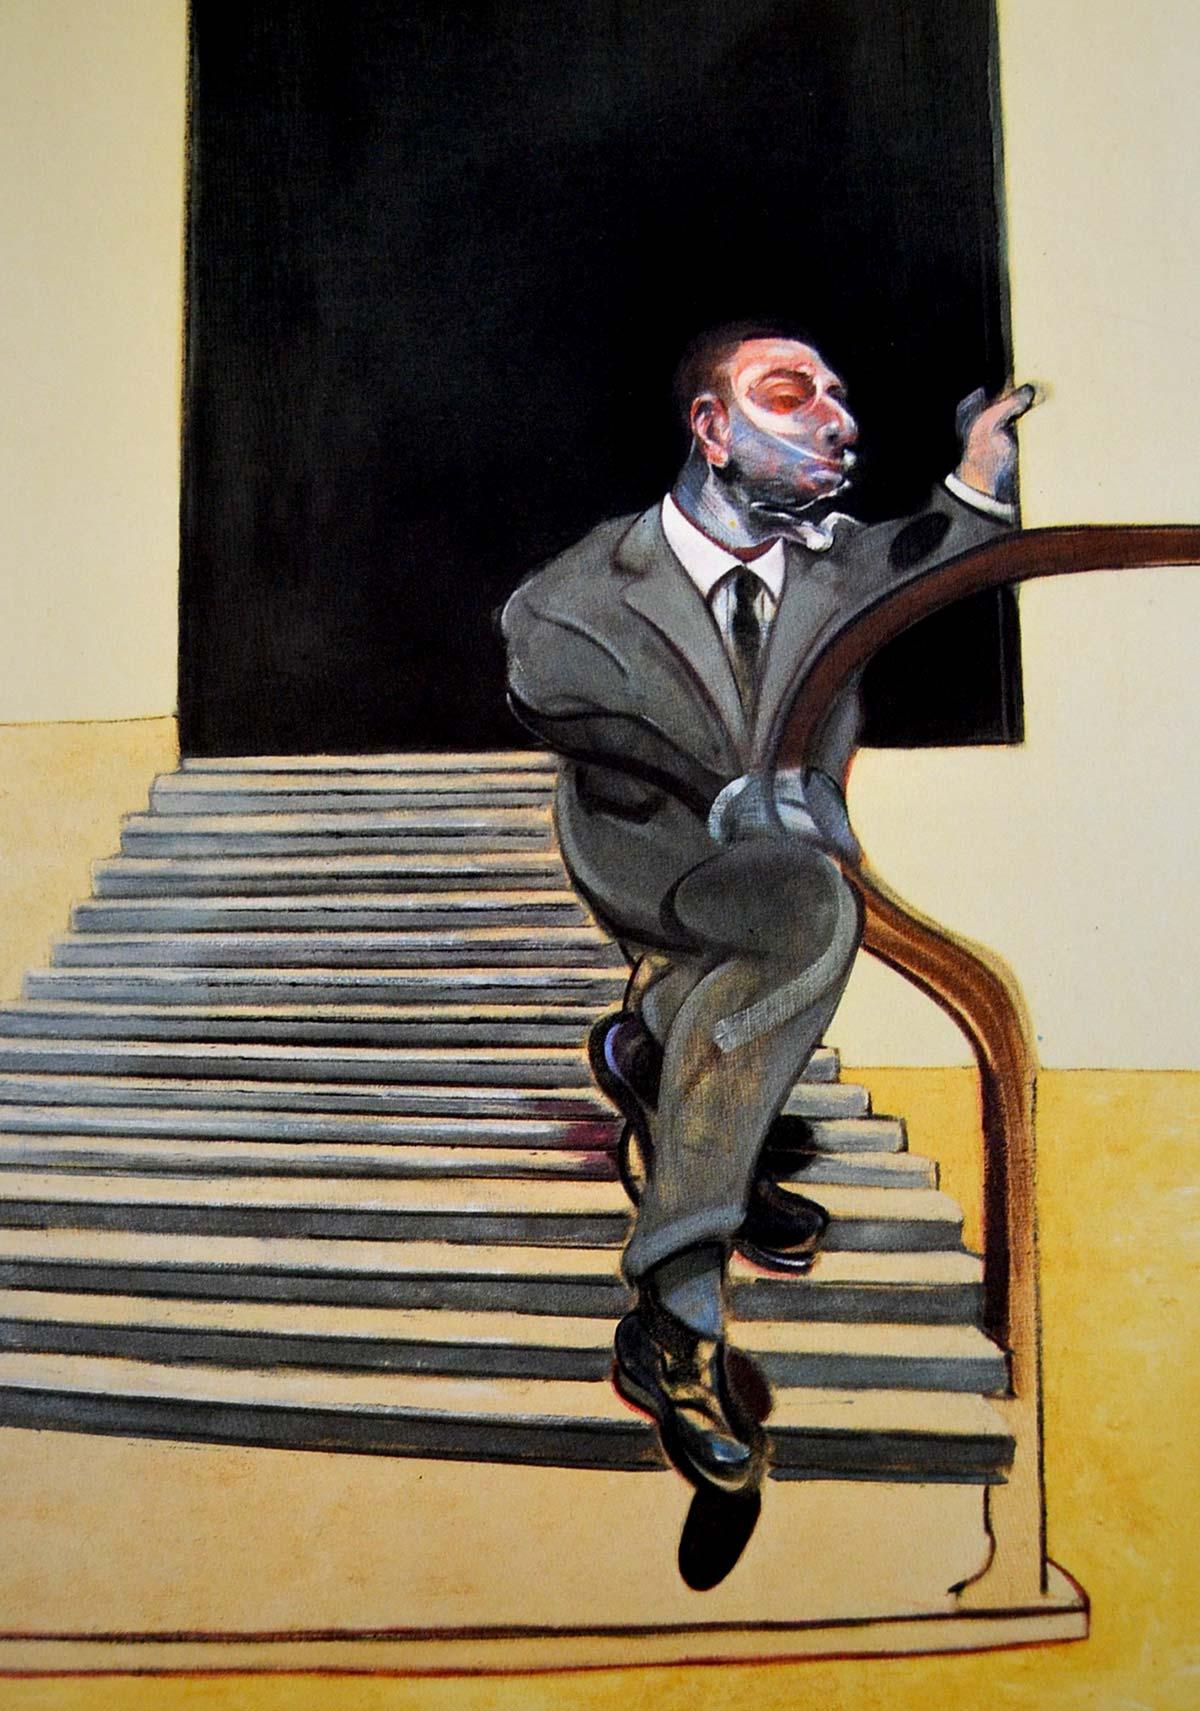 Pintura de Francis Bacon, hombre bajando una escalera